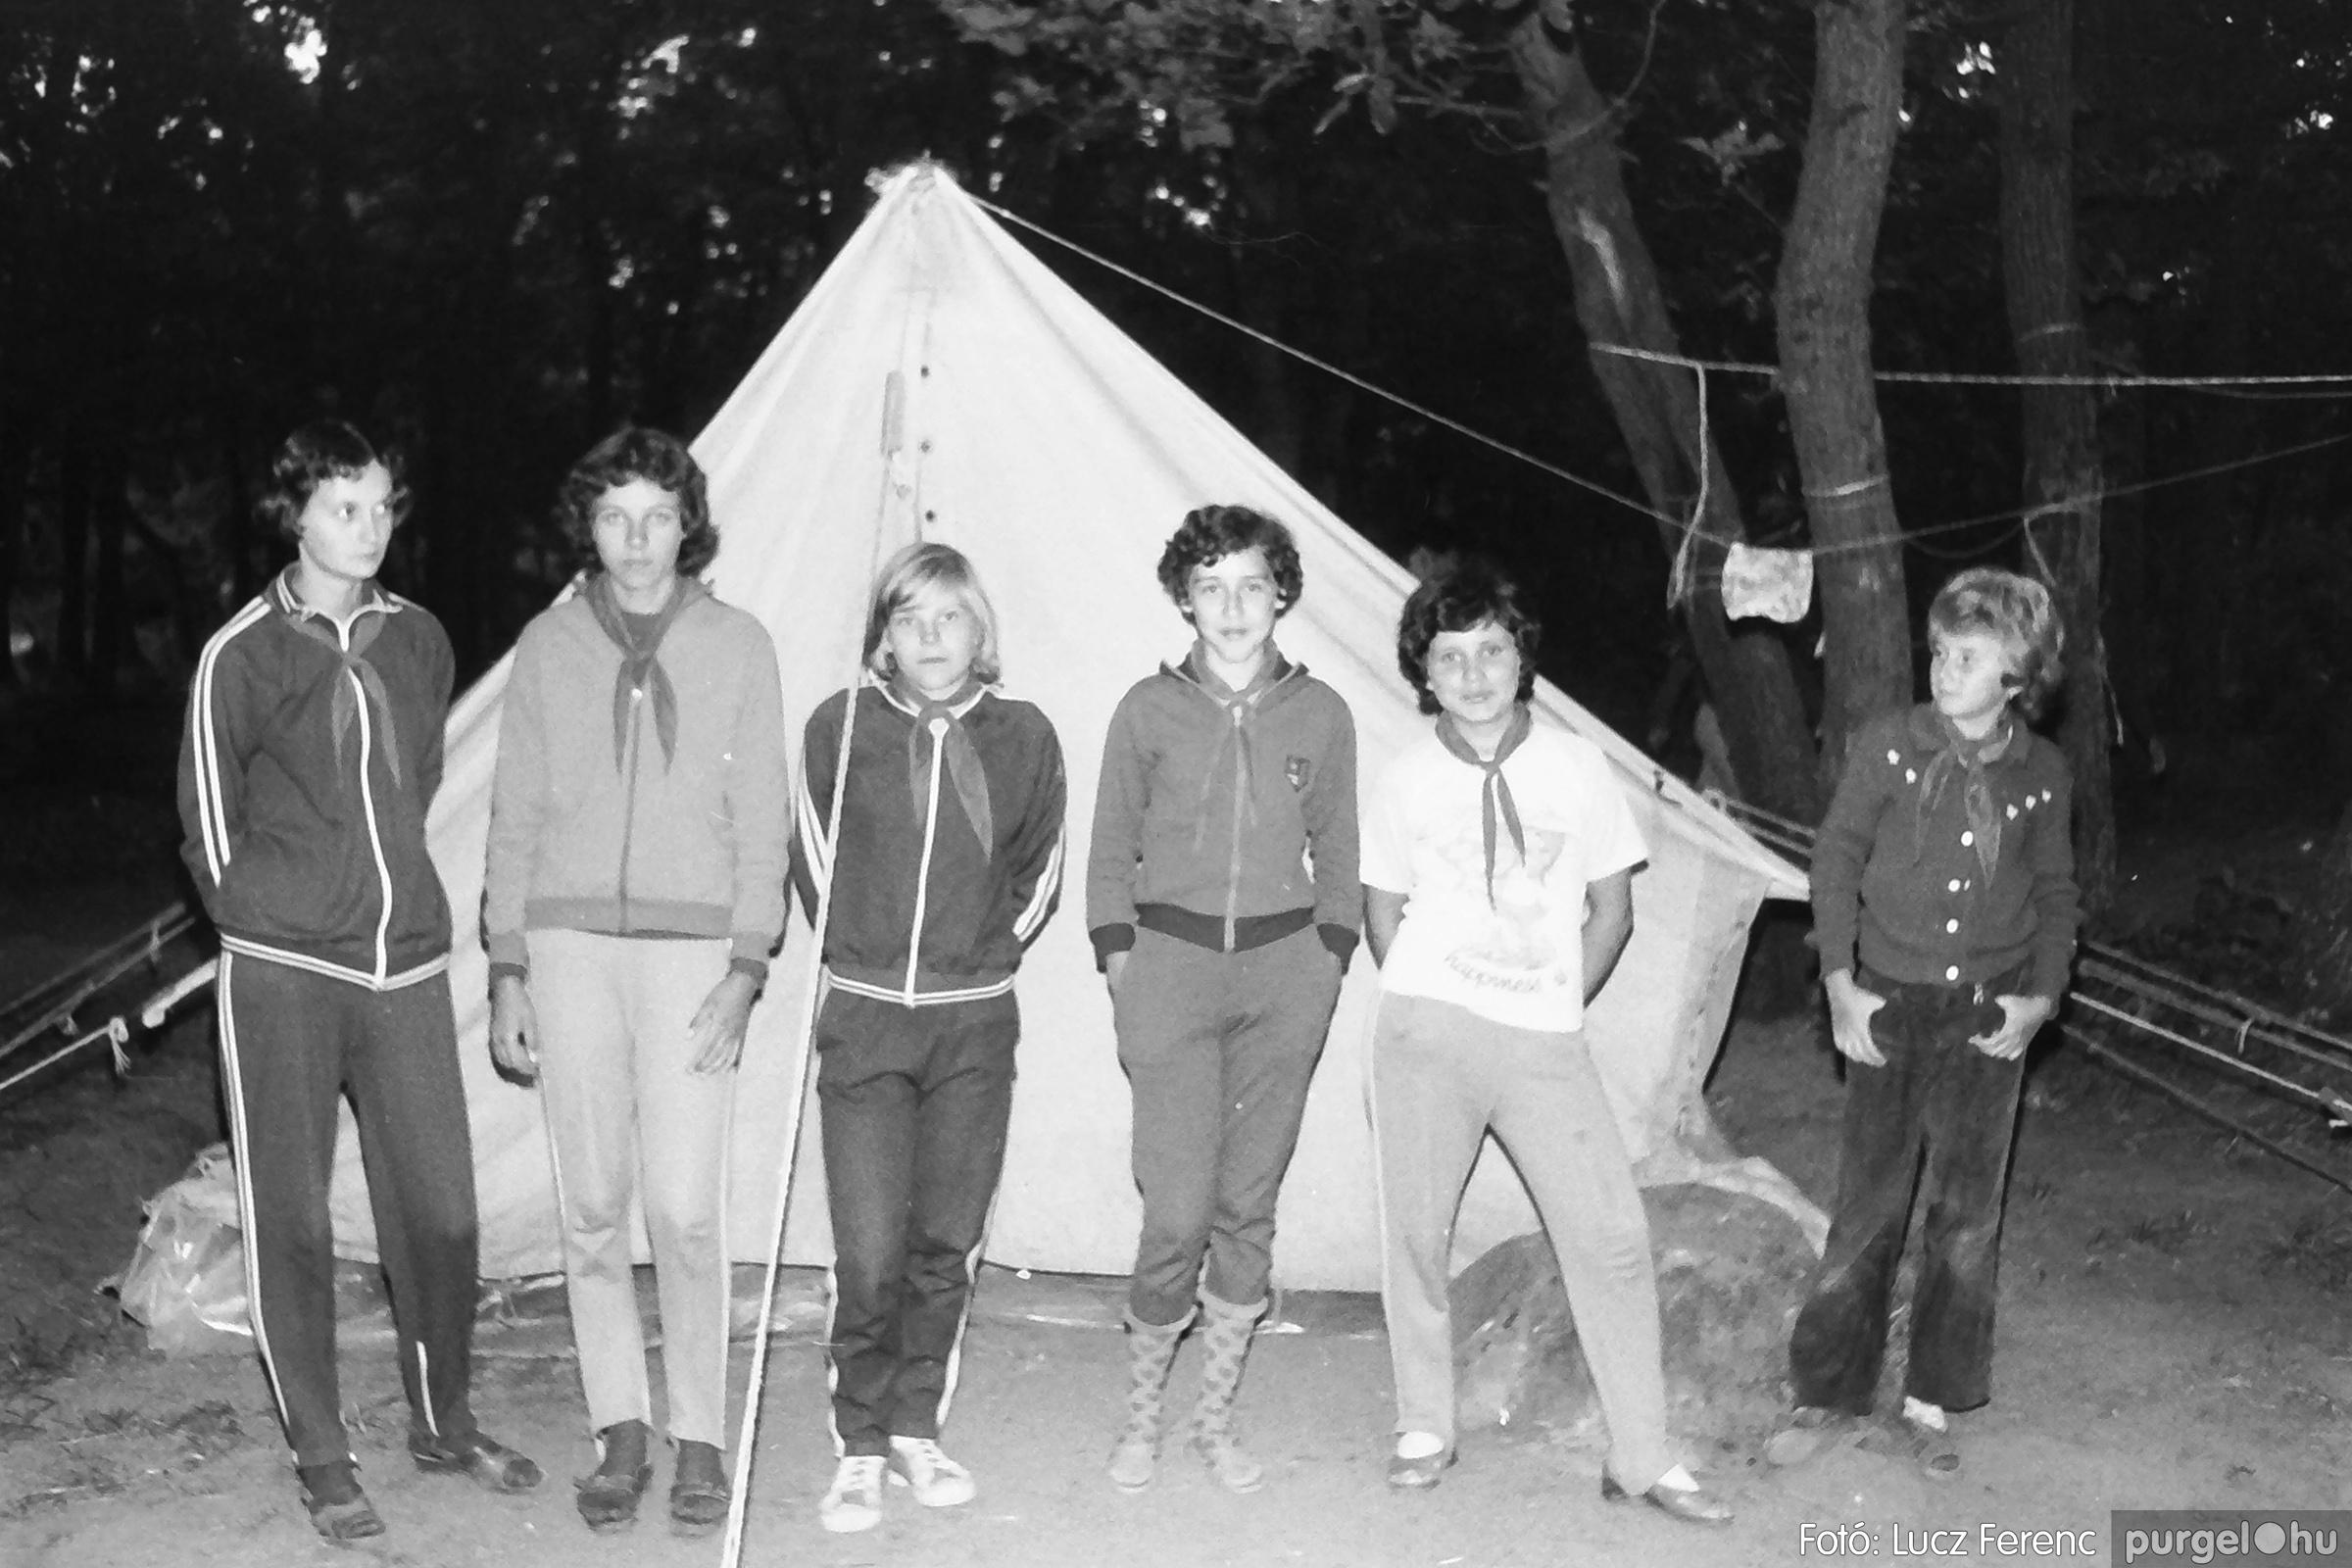 086, 088. 1977. Nyári tábor a Mátrában 051. - Fotó: Lucz Ferenc.jpg